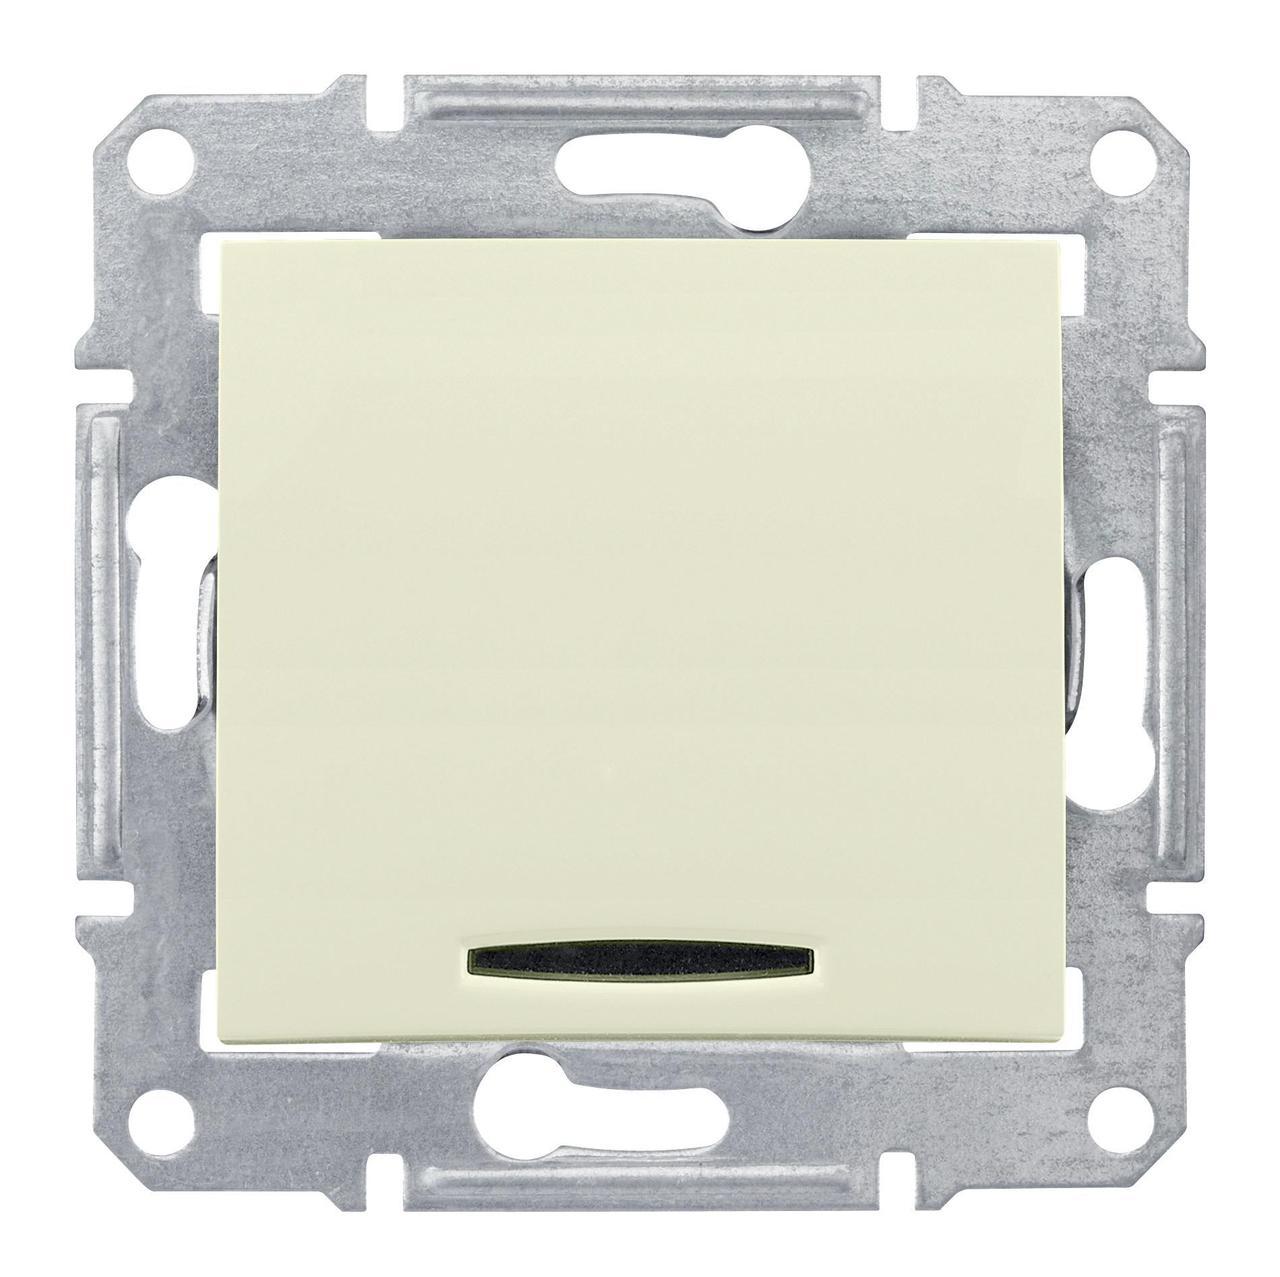 Выключатель 1-клавишный ,проходной с подсветкой (с двух мест) 16А , Бежевый, серия Sedna, Schneider Electric